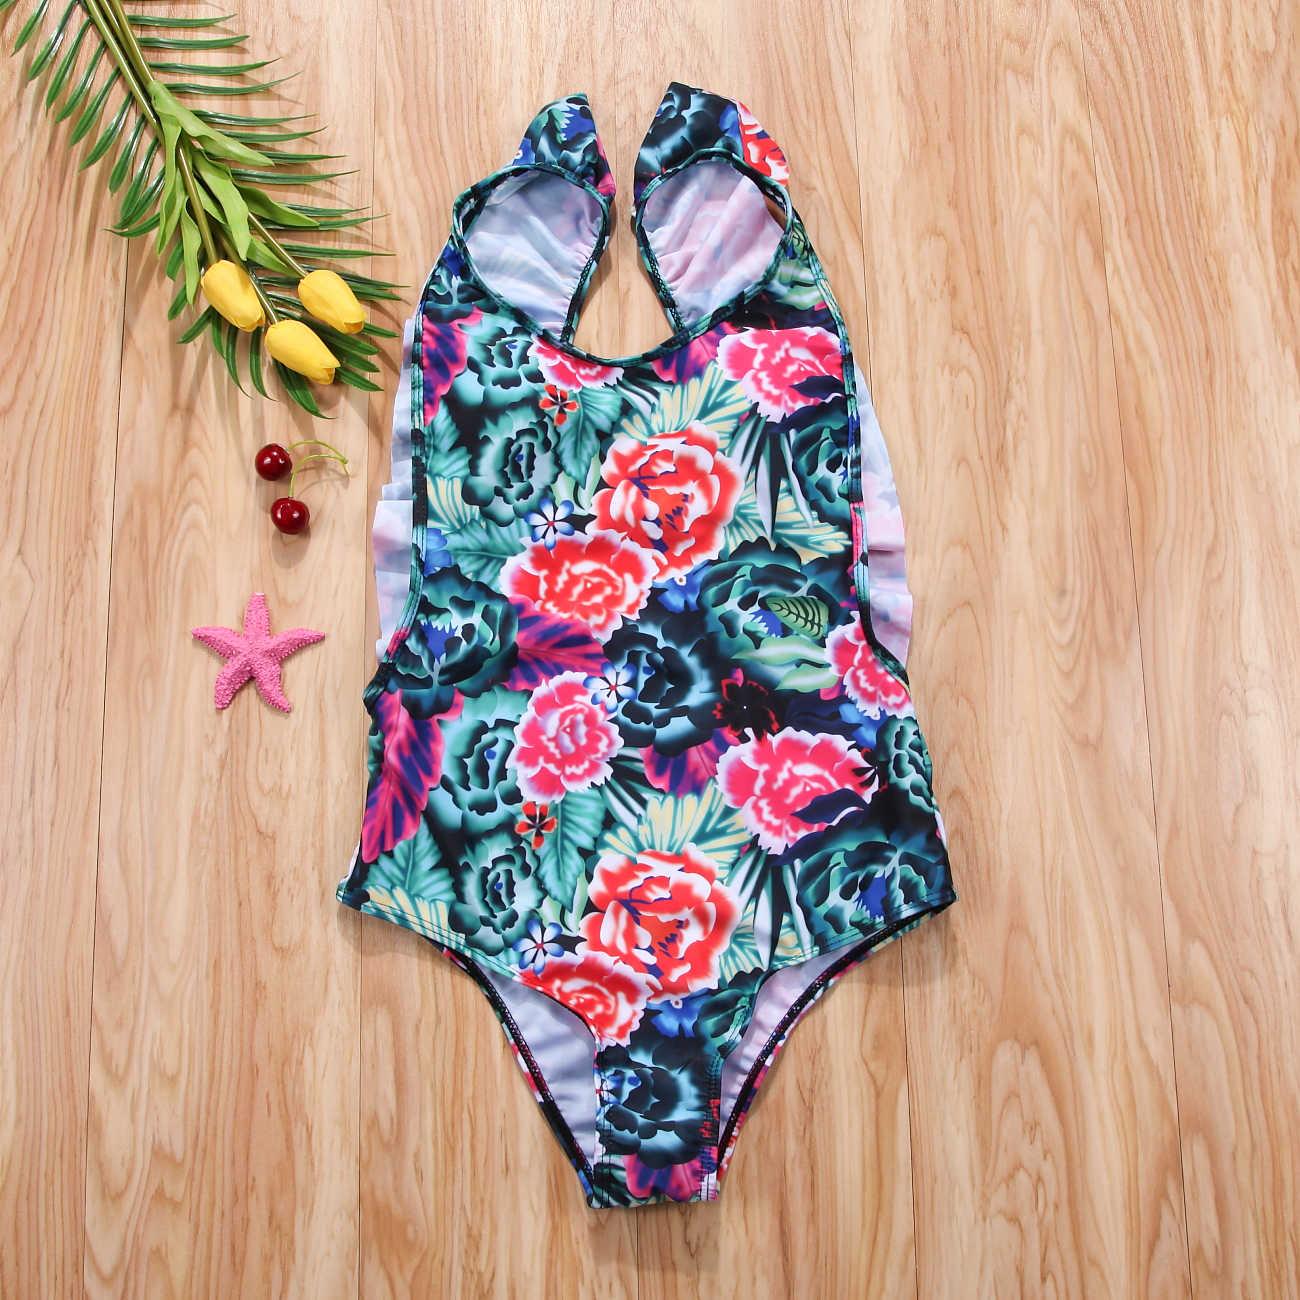 Sexy femmes Bikinis 2018 une pièce maillots de bain Floral à volants dos nu maillot de bain push-up rembourré femme brésilienne Monokini maillot de bain